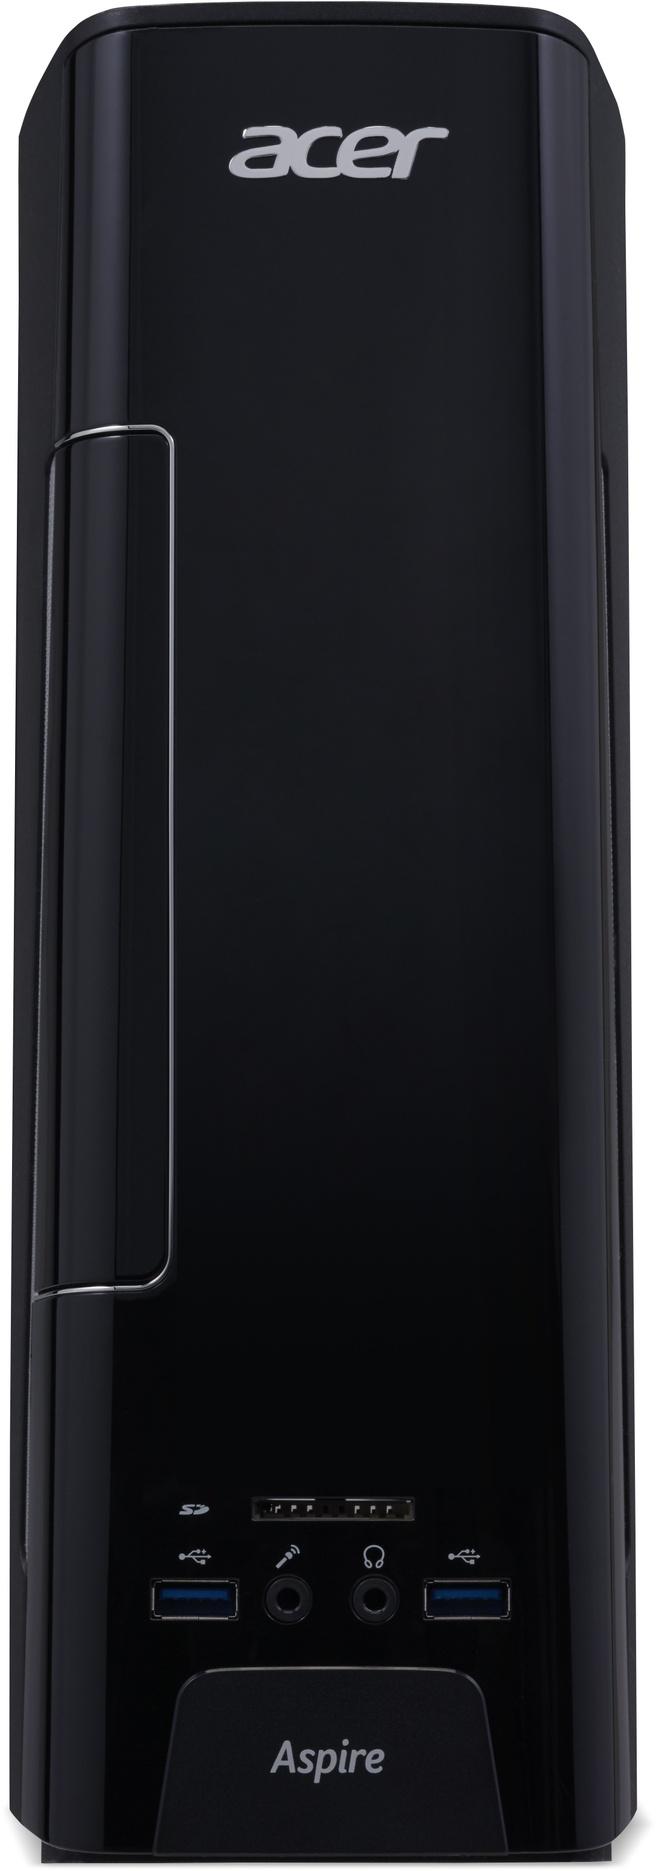 Acer XC-780